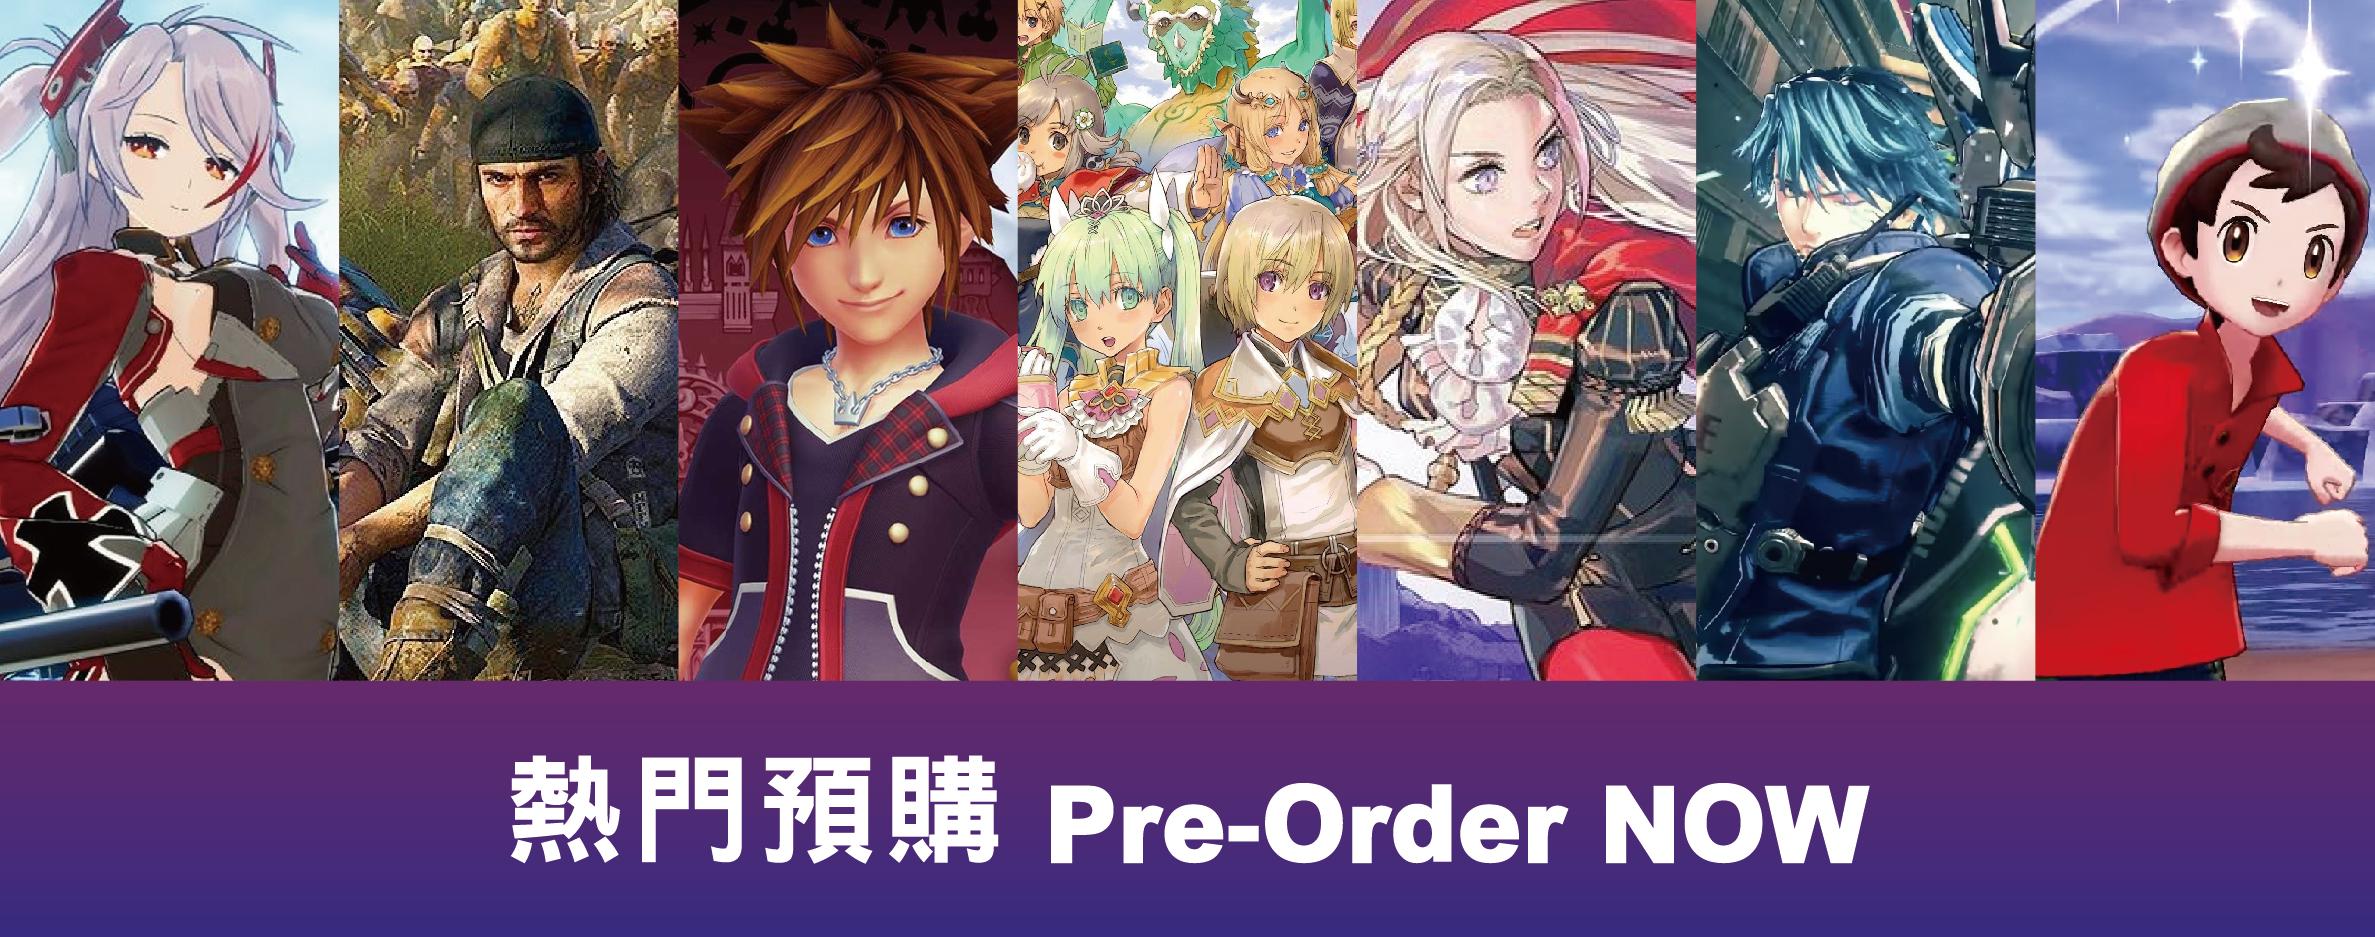 茶米電玩品牌名店 PS4遊戲,Switch遊戲,任天堂,遊戲主機,瑪利歐兄弟,精靈寶可夢,王國之心